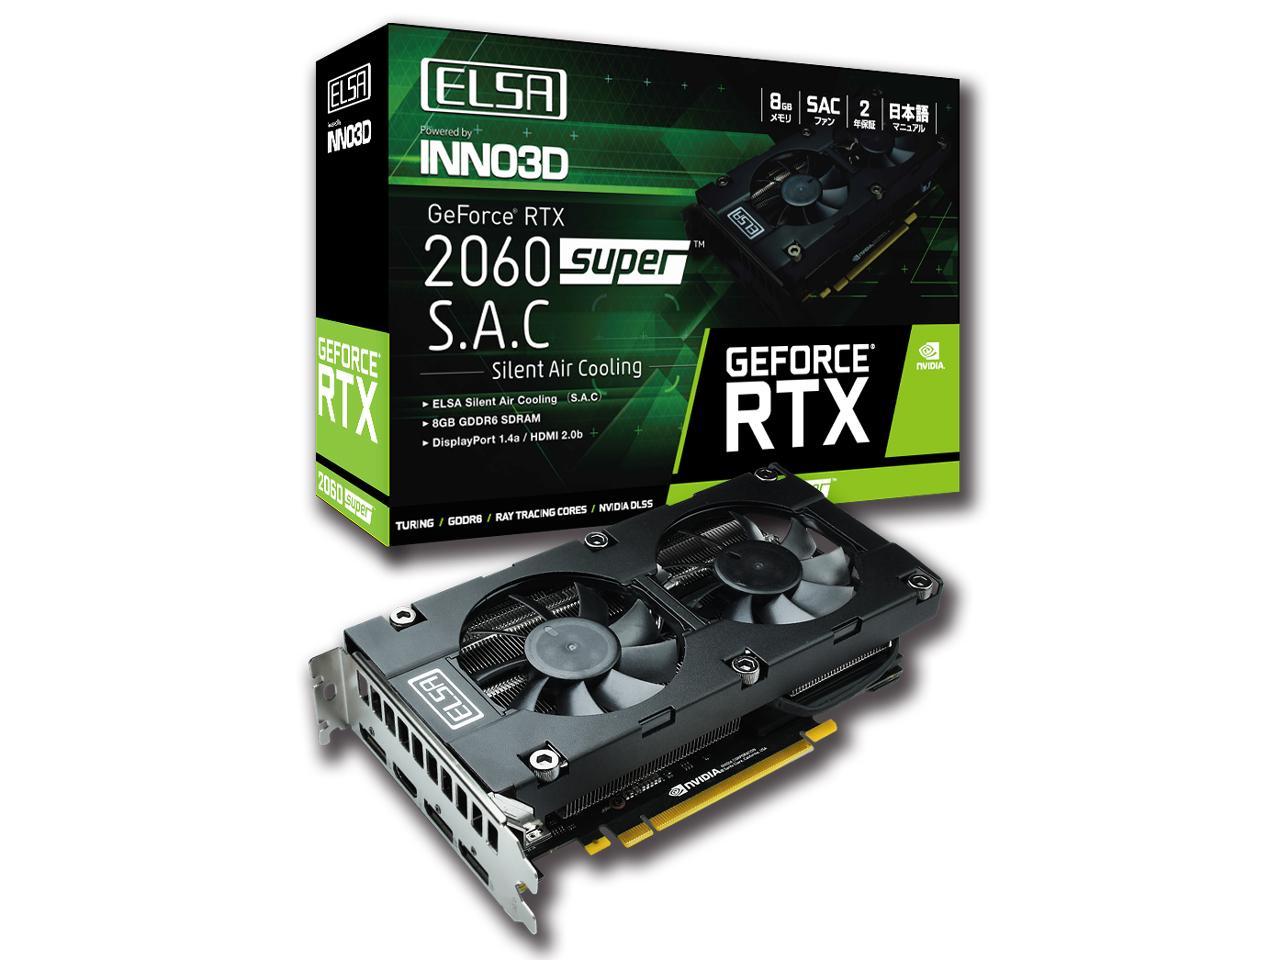 ELSA GeForce RTX 2060 Super S.A.C